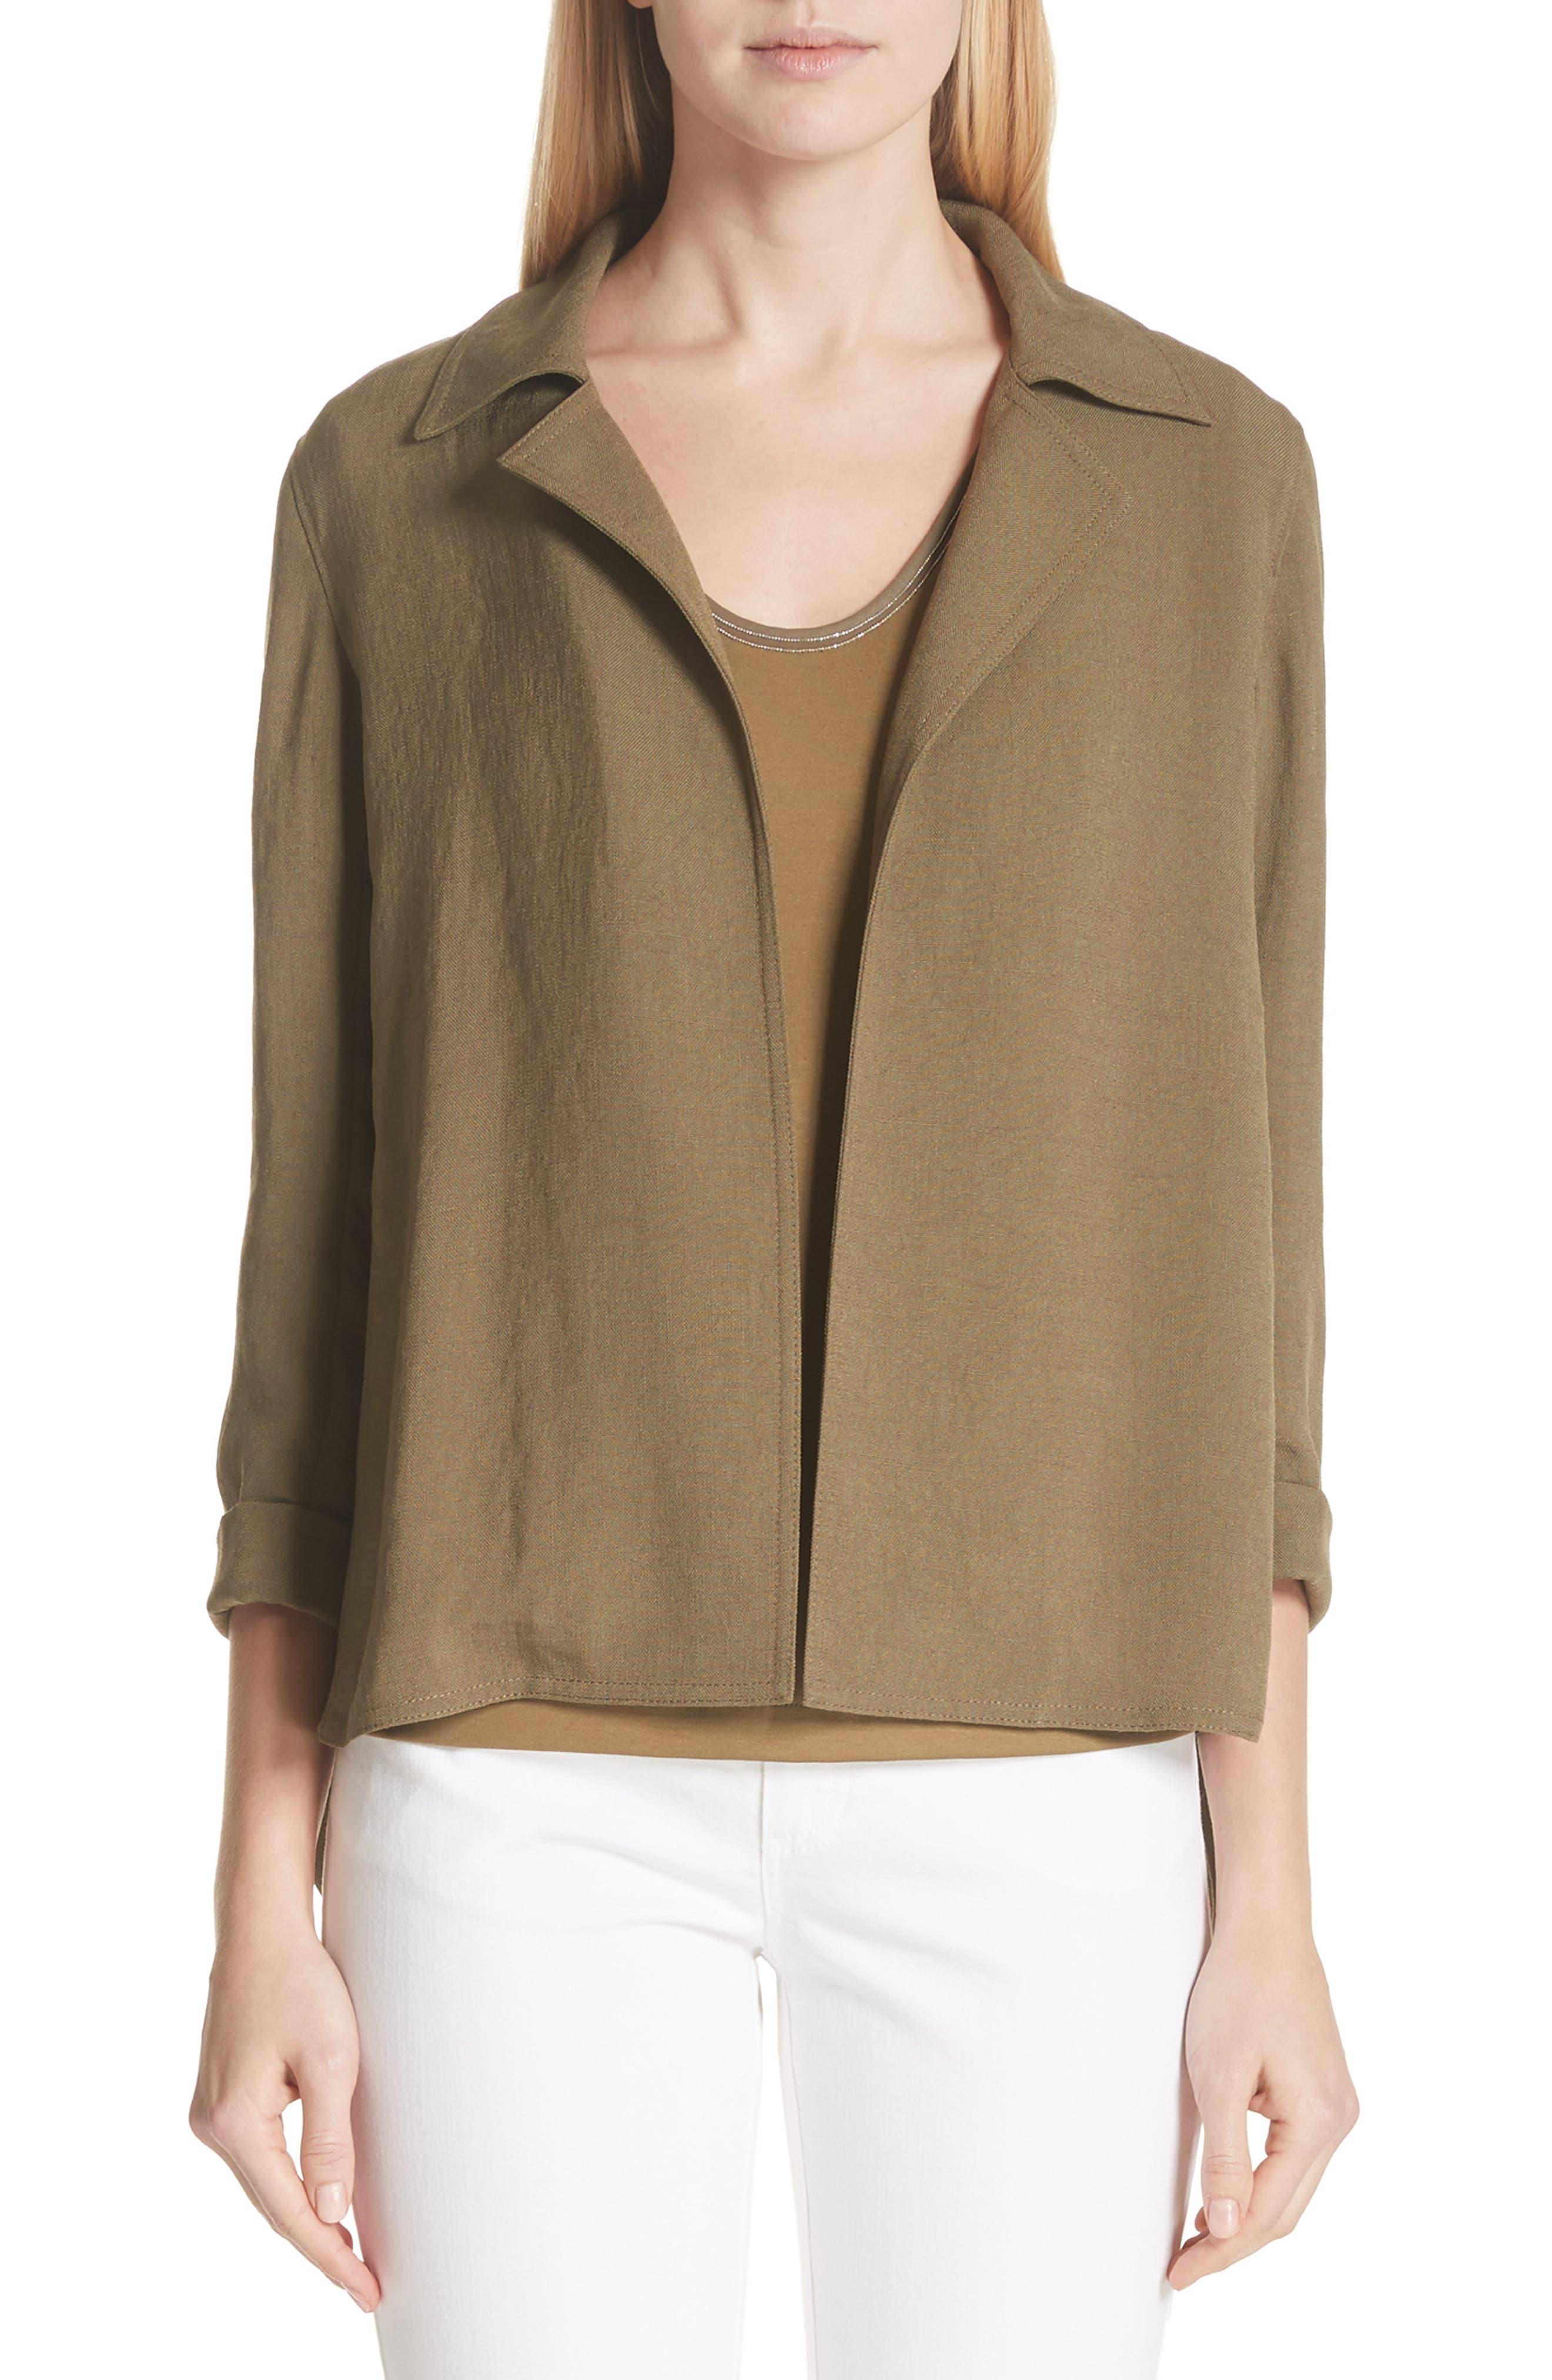 Grant Altruistic Cloth Jacket,                         Main,                         color, 342